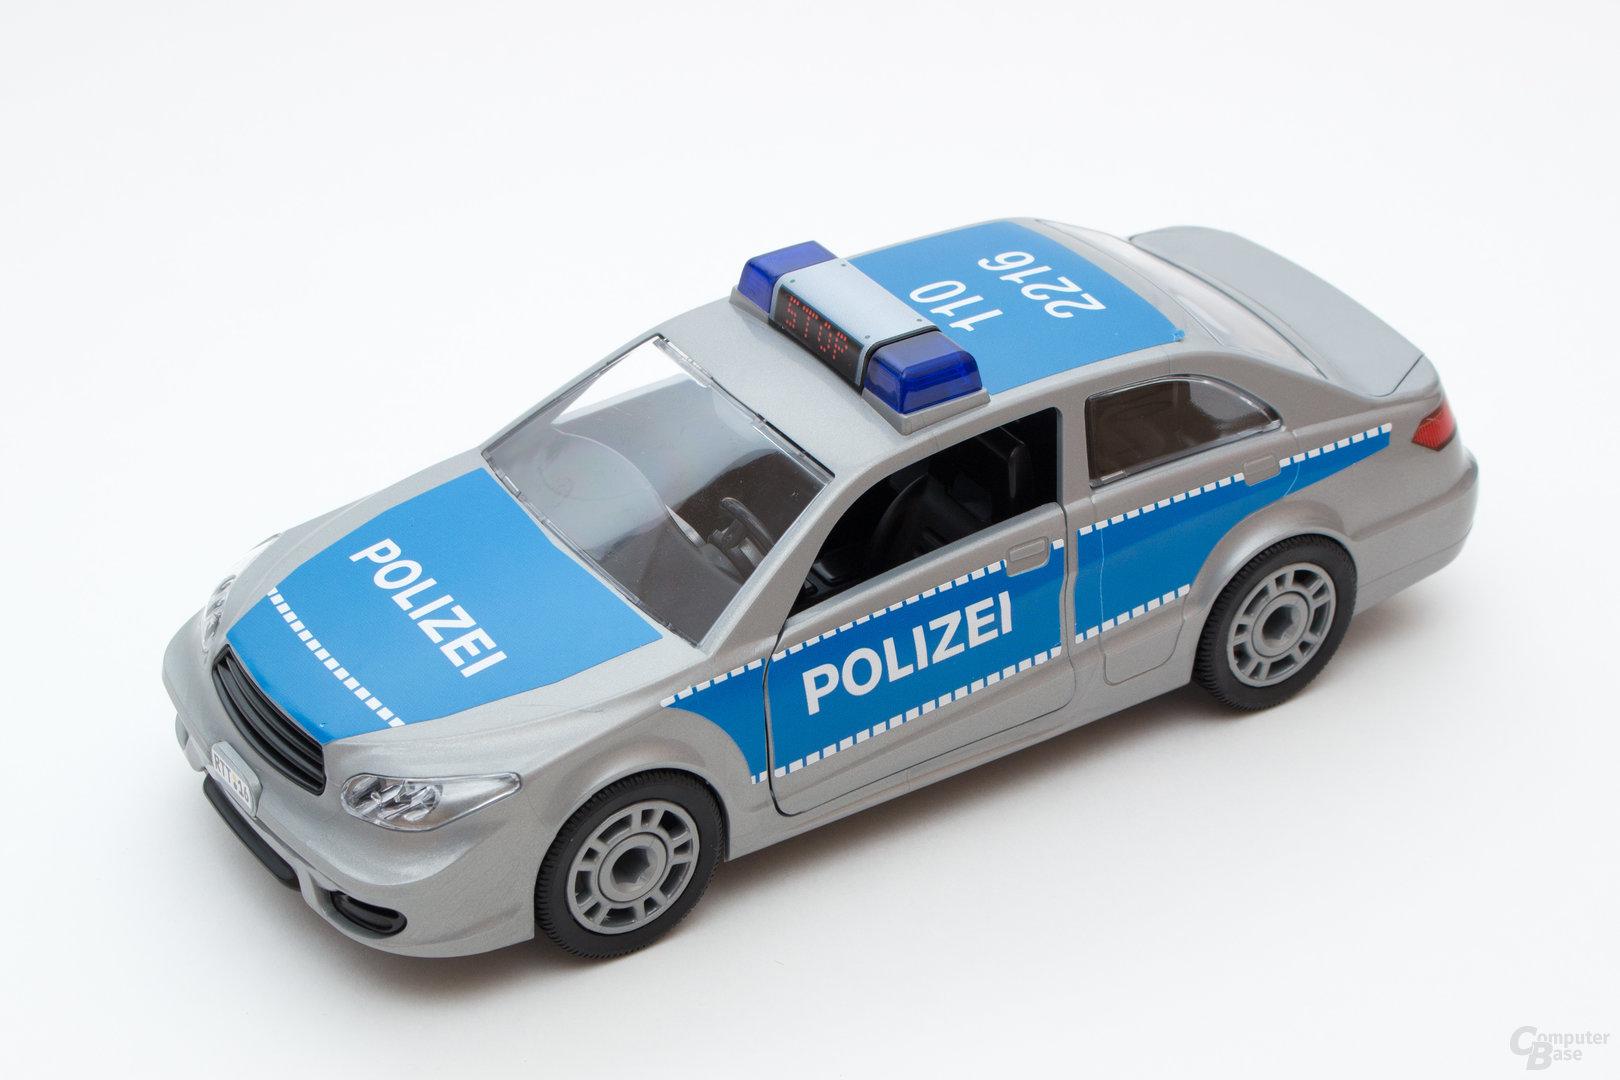 Das Polizeiauto ist schnell zusammengebaut und bietet viele Möglichkeiten